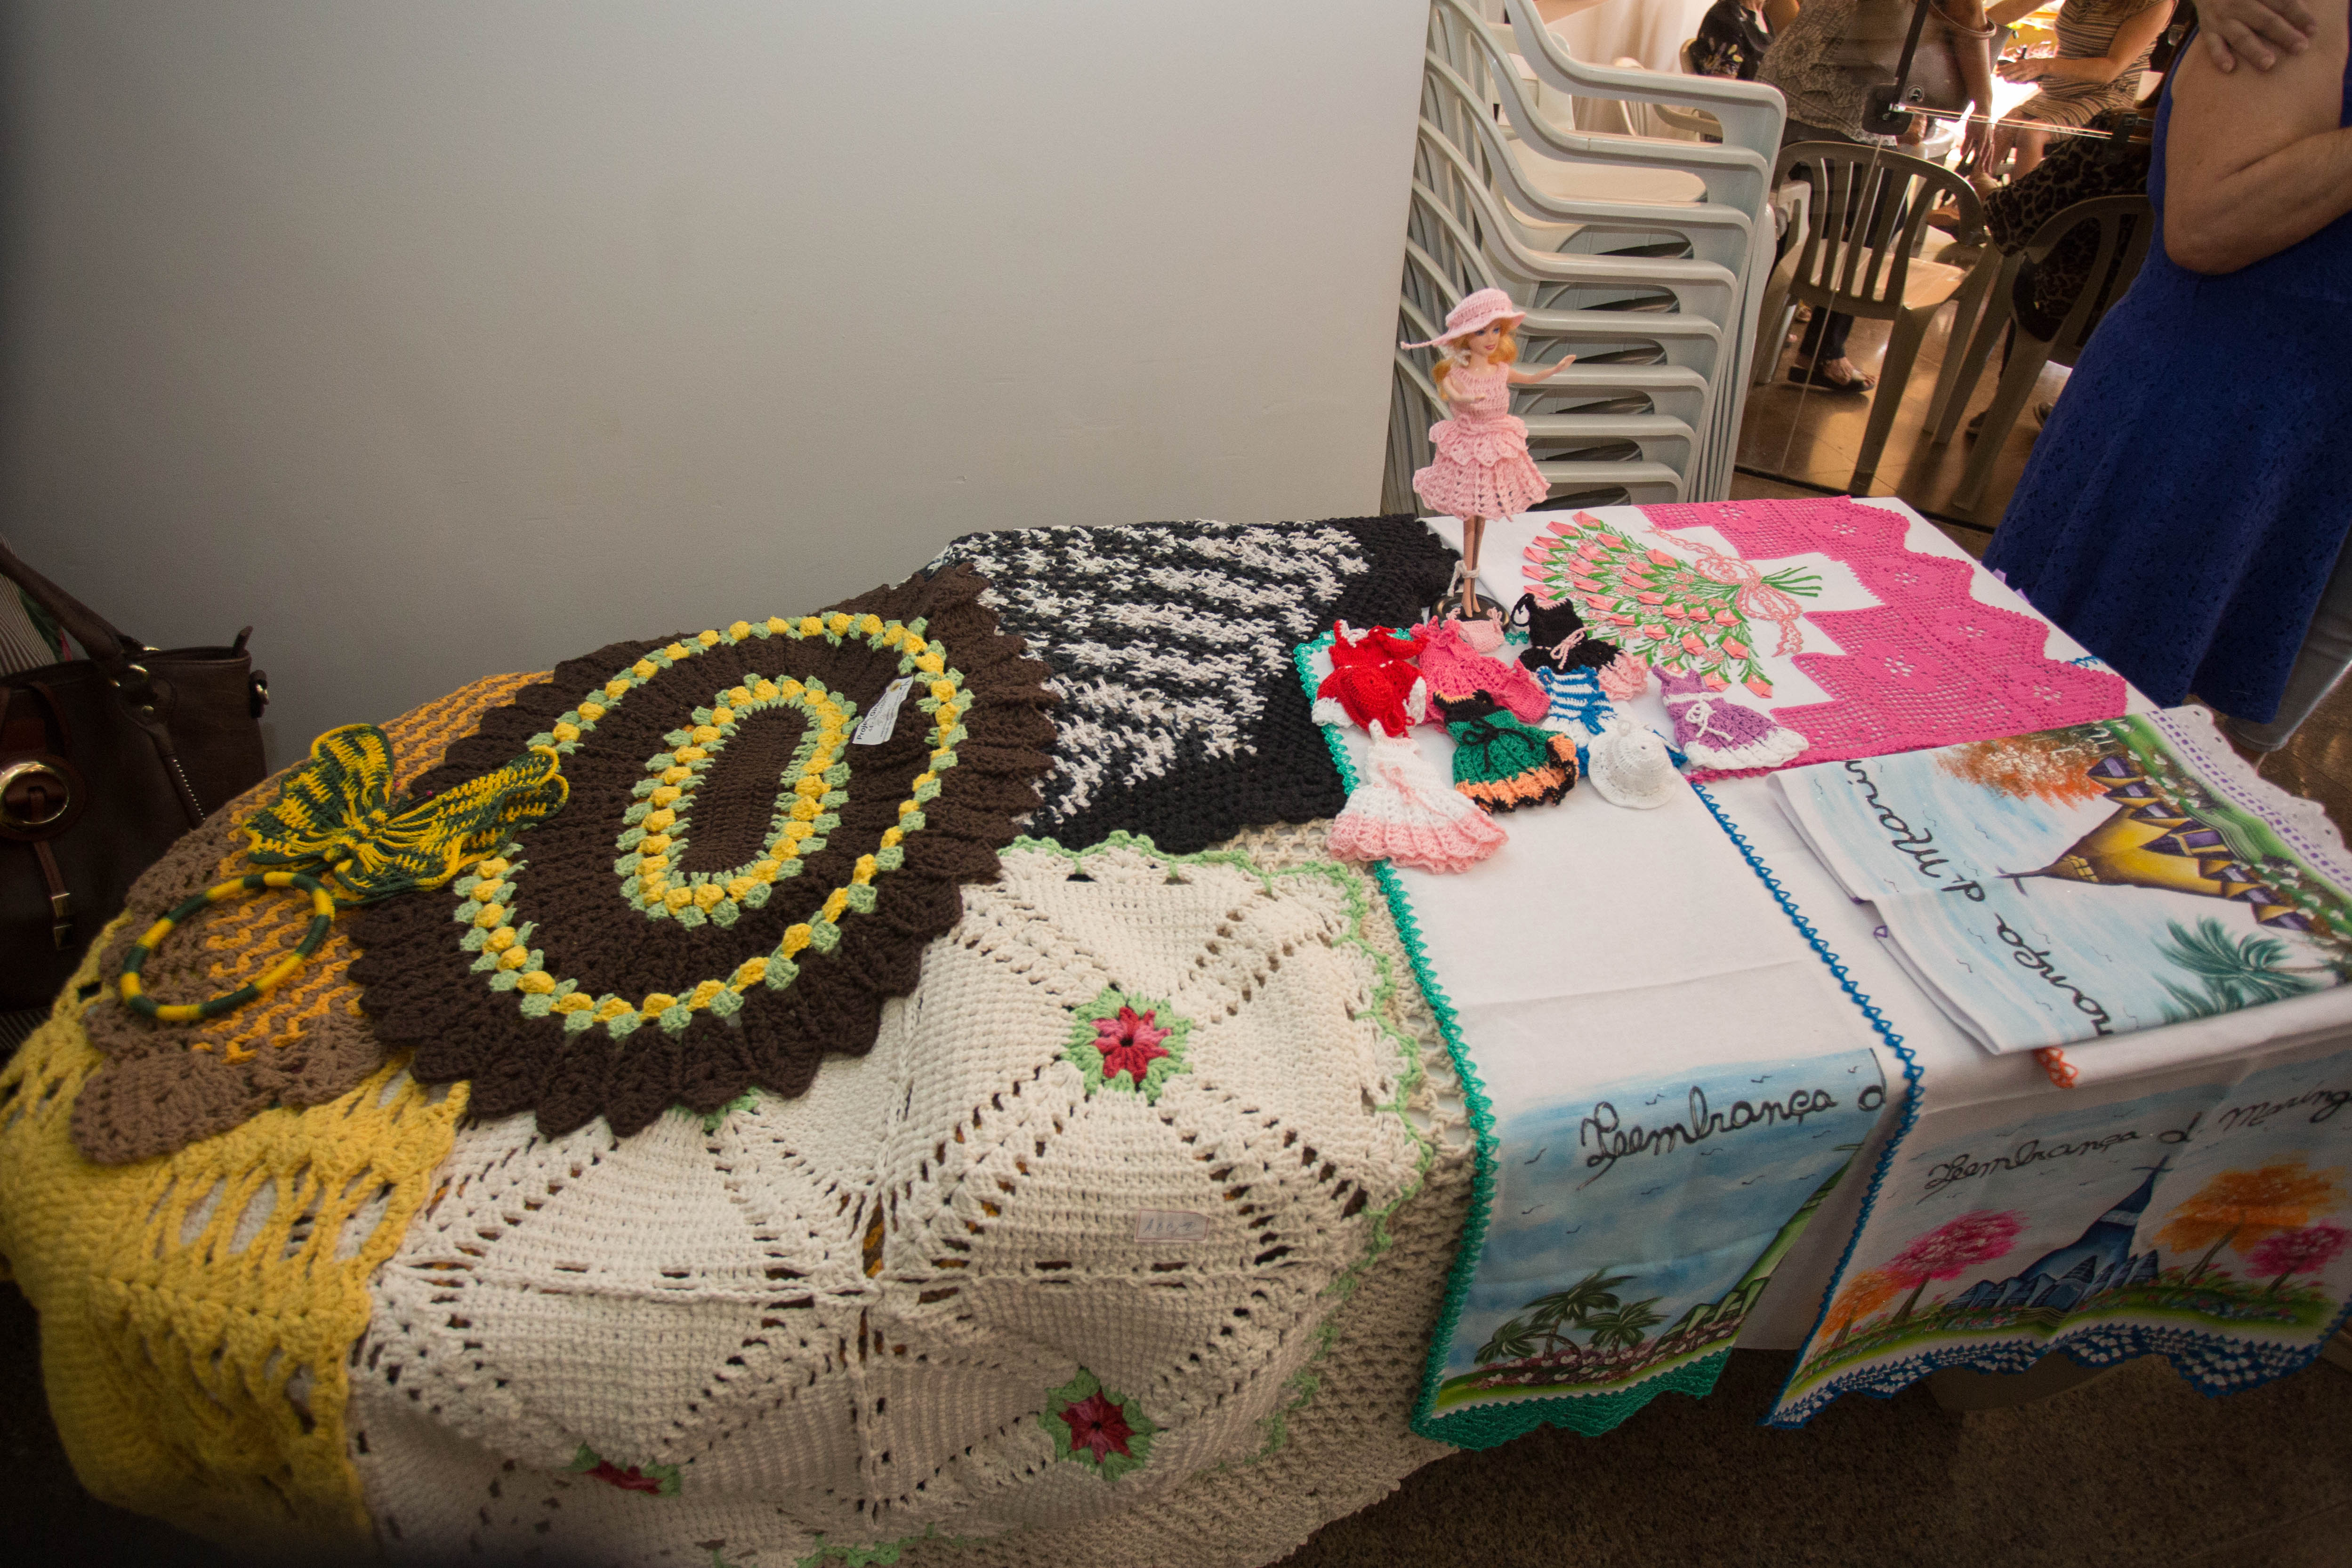 Os materiais usados pelos alunos são fornecidos gratuitamente. Foto: Vivian Silva/PMM